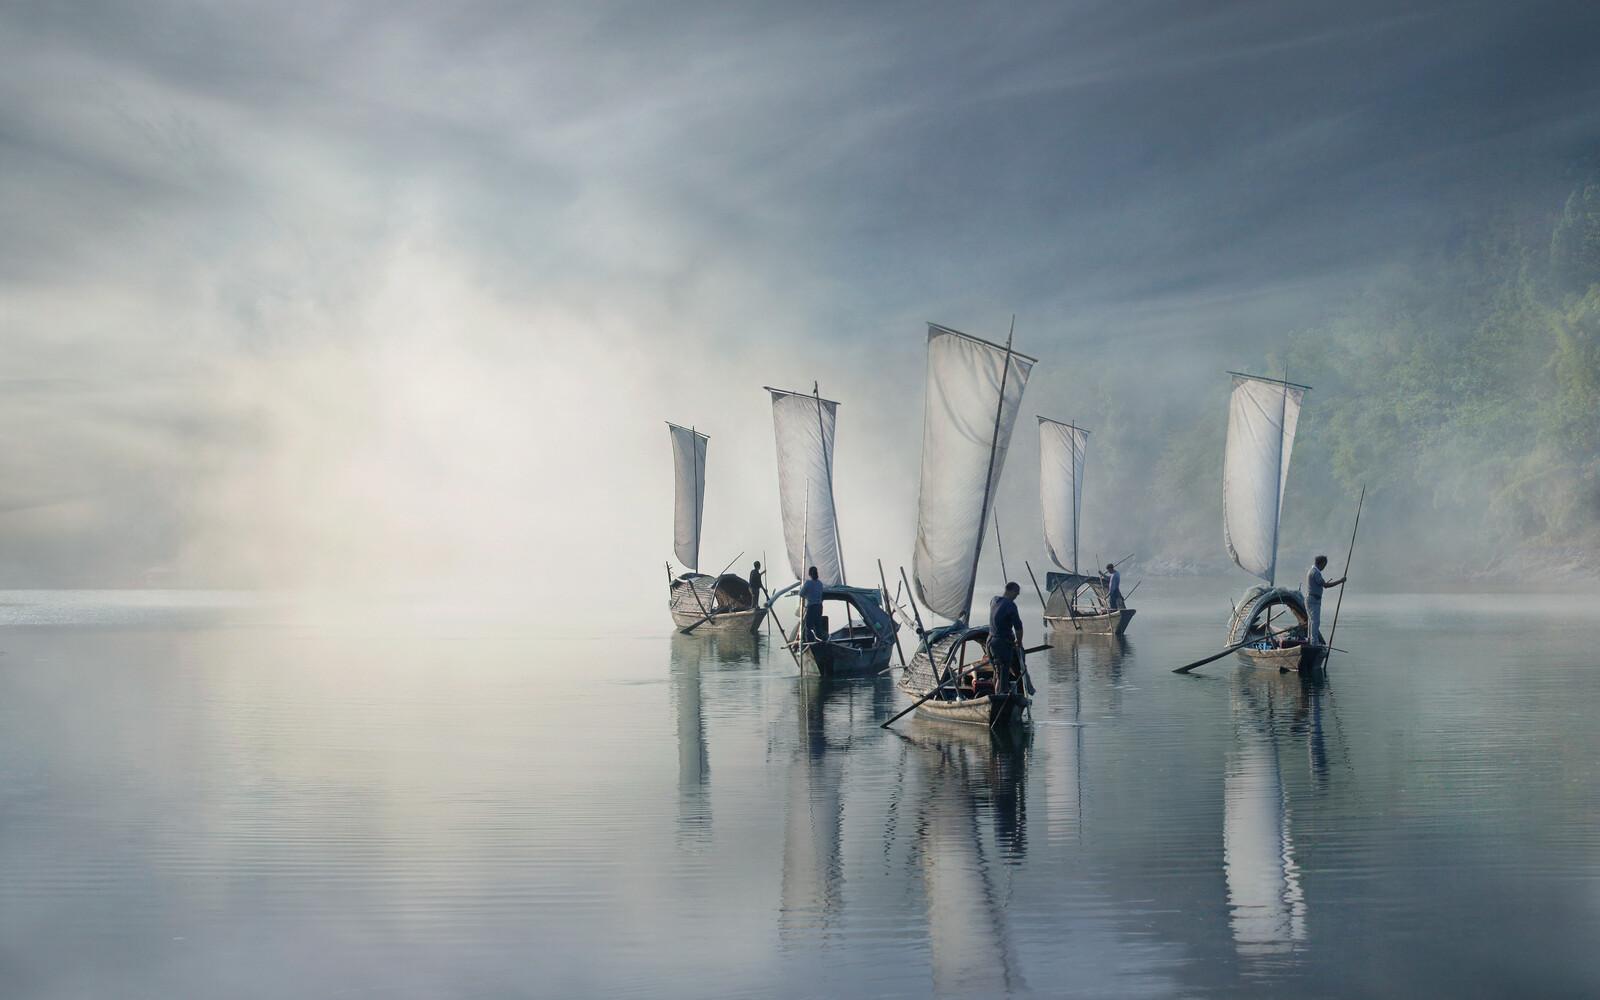 On the river - Vladimir Proshin